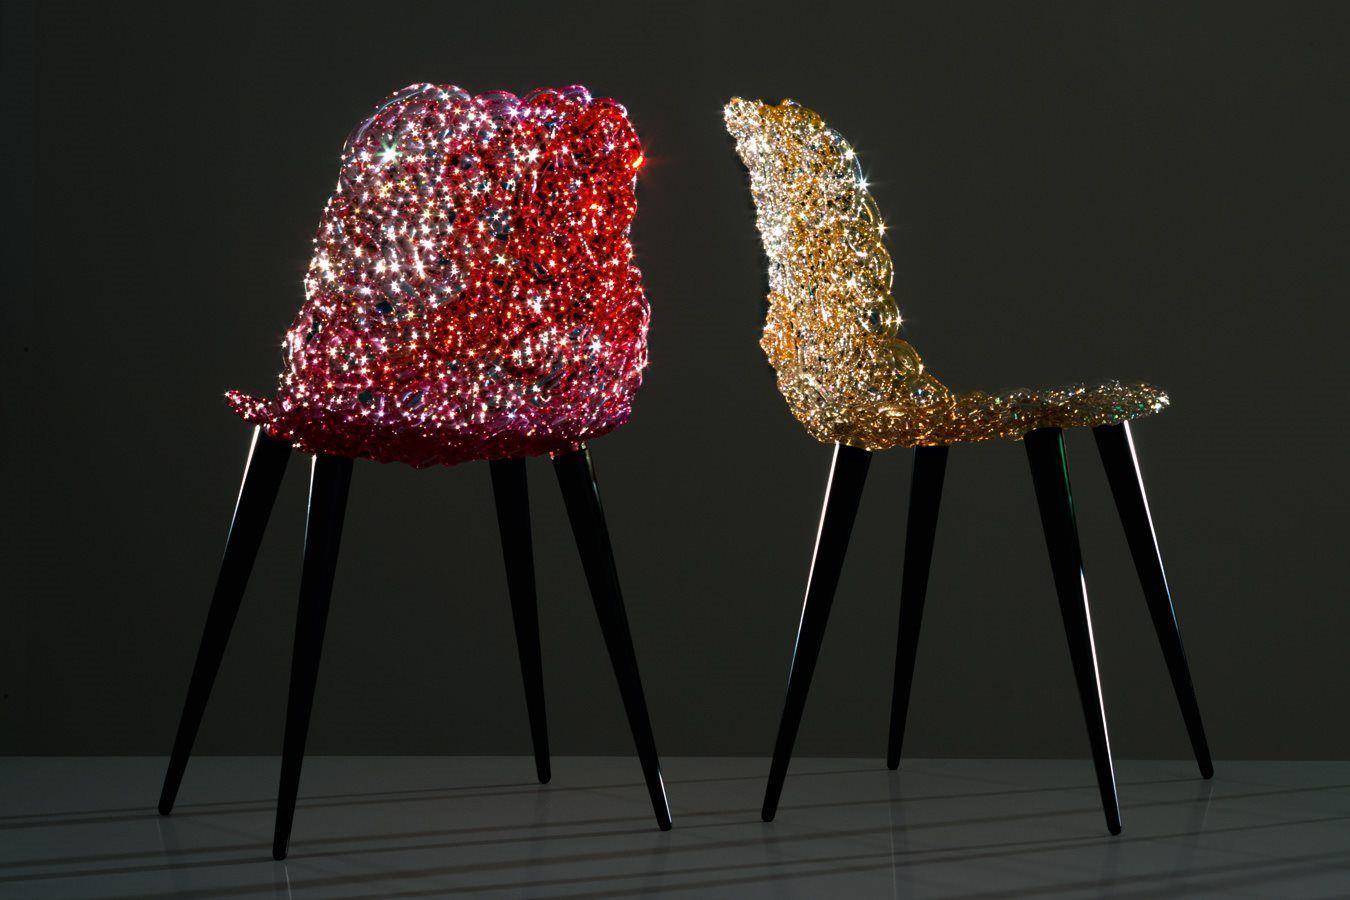 Edra mobili ~ Silla #gina en intrincado policarbonato diseñada por jacopo